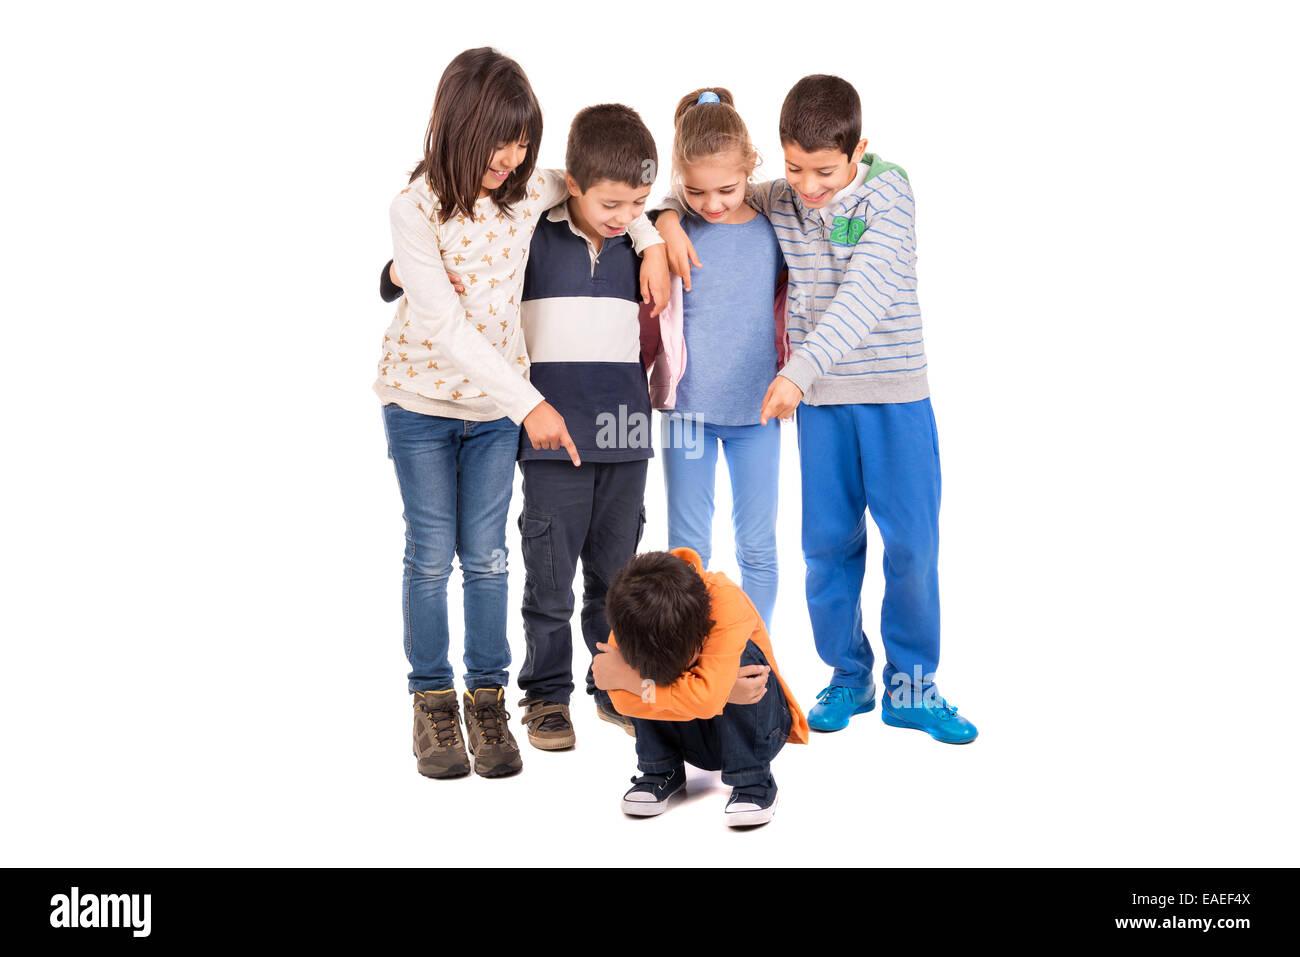 Gruppo di bambini bullismo un bambino isolato Immagini Stock